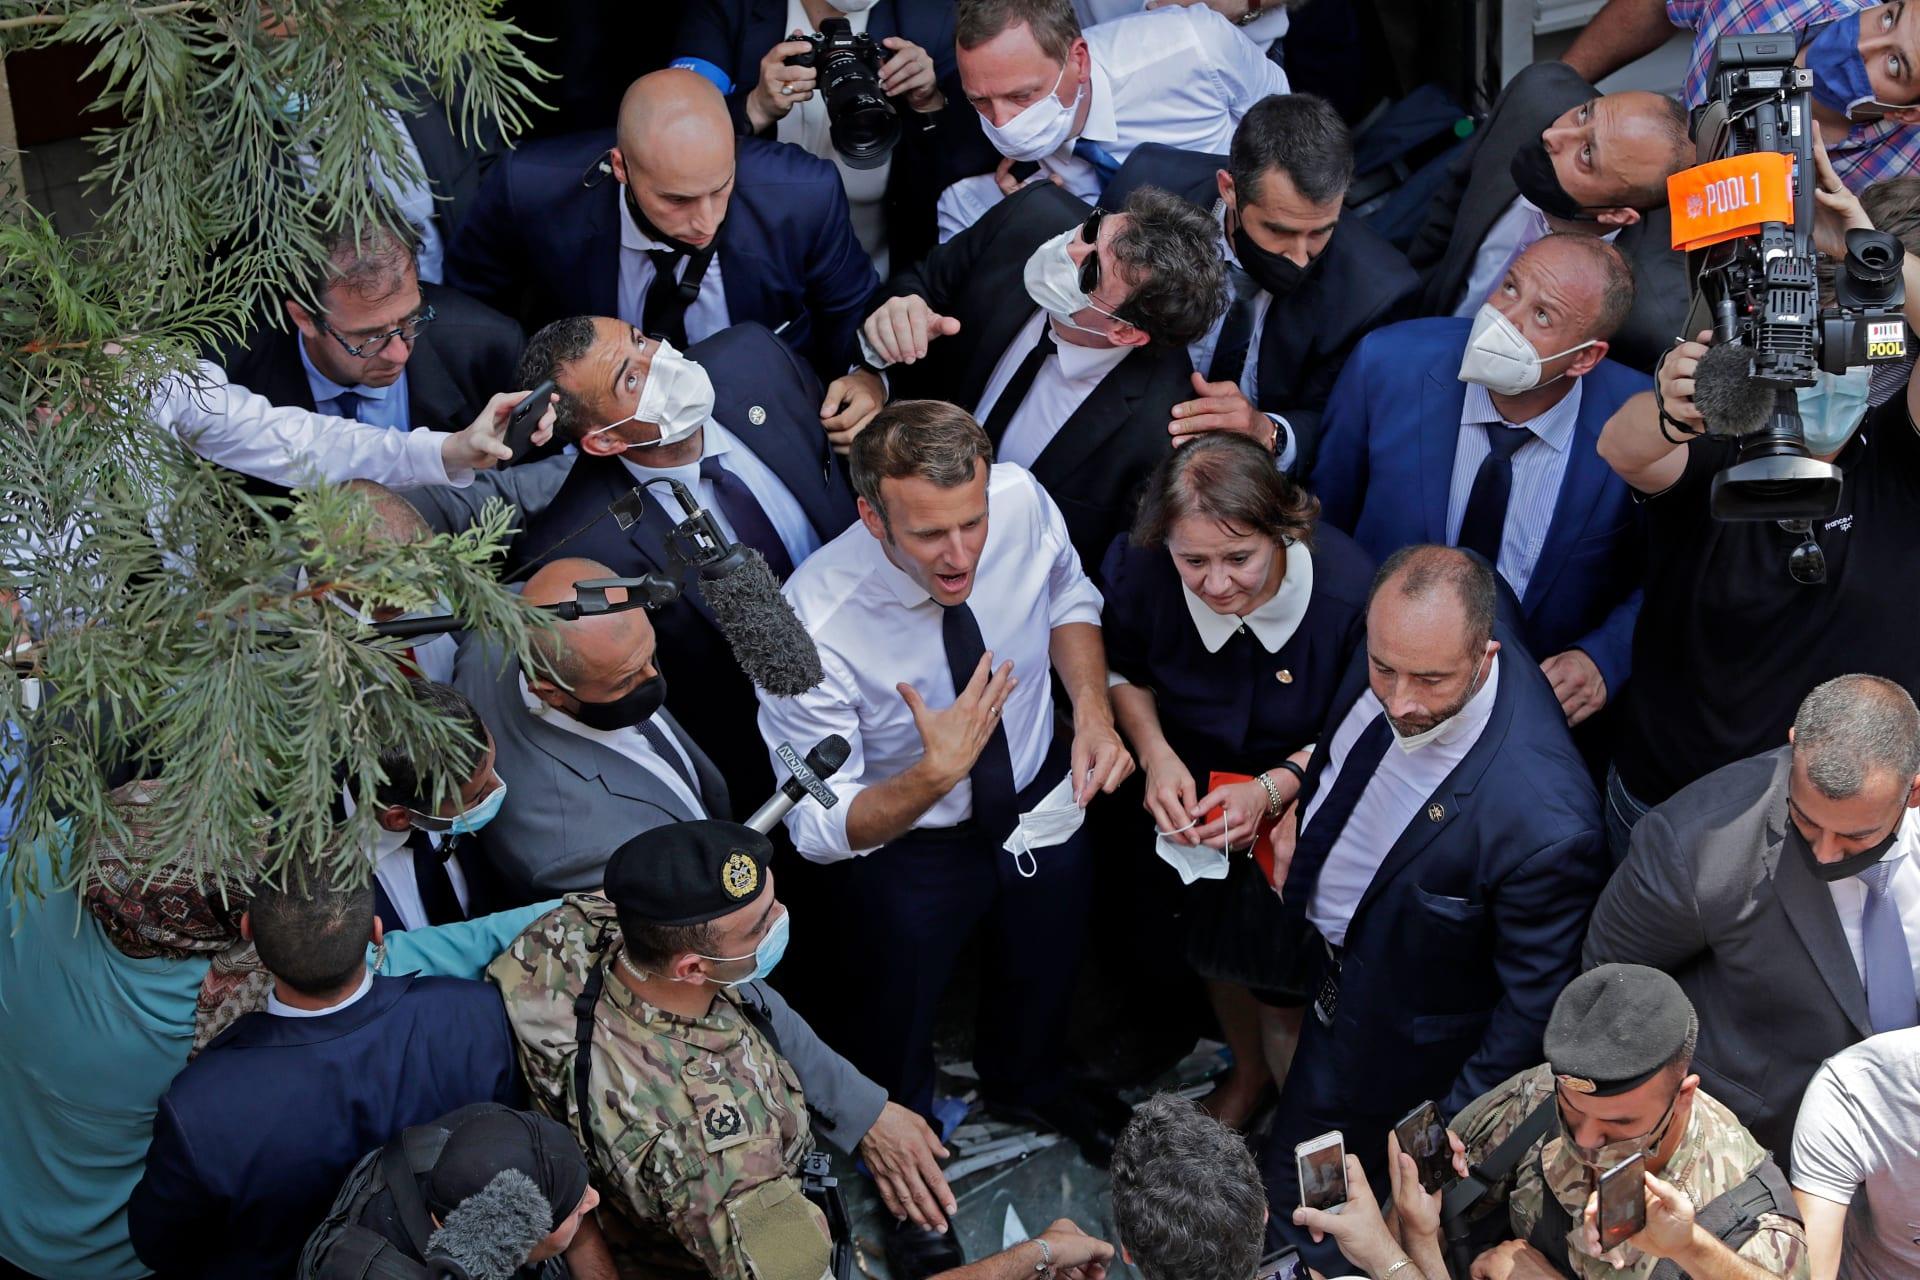 الرئيس الفرنسي ماكرون يزور موقع تفجير مرفأ بيروت والعشرات يلتفون حوله لاستقباله